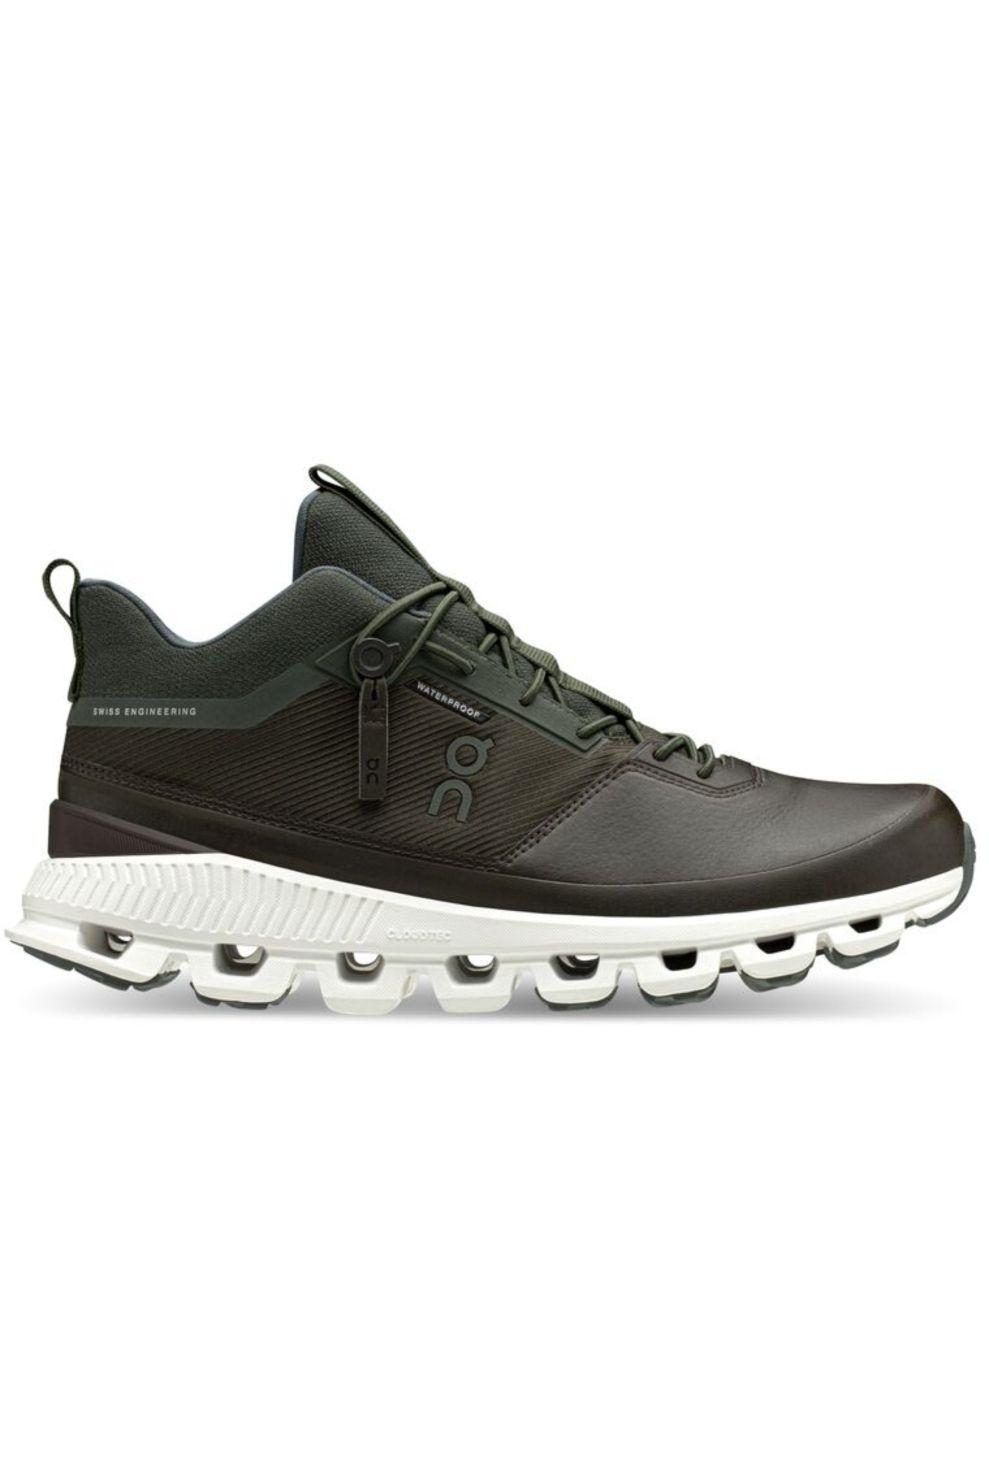 On Running Schoen Cloud Hi Waterproof Men voor heren - Grijs/Wit - Maten: 40, 41, 42, 43, 44, 45, 46